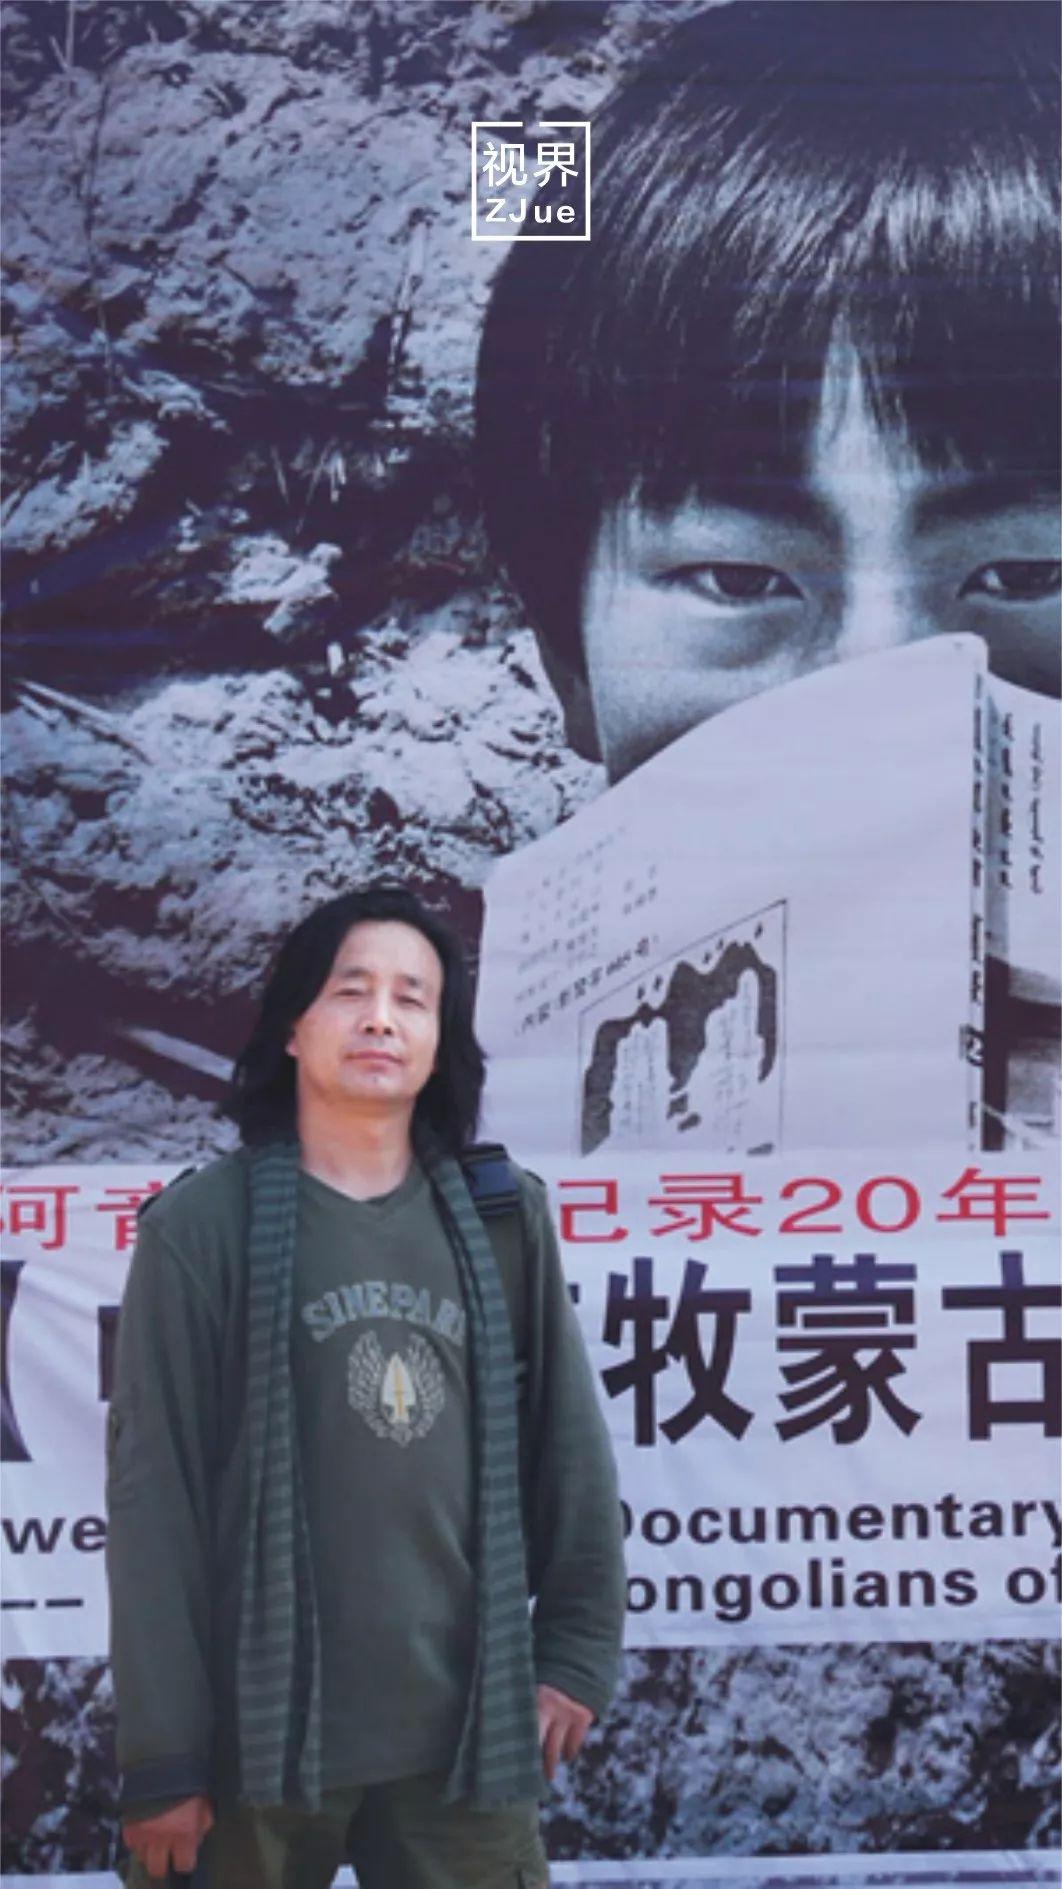 摄影家阿音凭借作品《布里亚特蒙古人》  摘得第九届人像摄影十杰桂冠 第34张